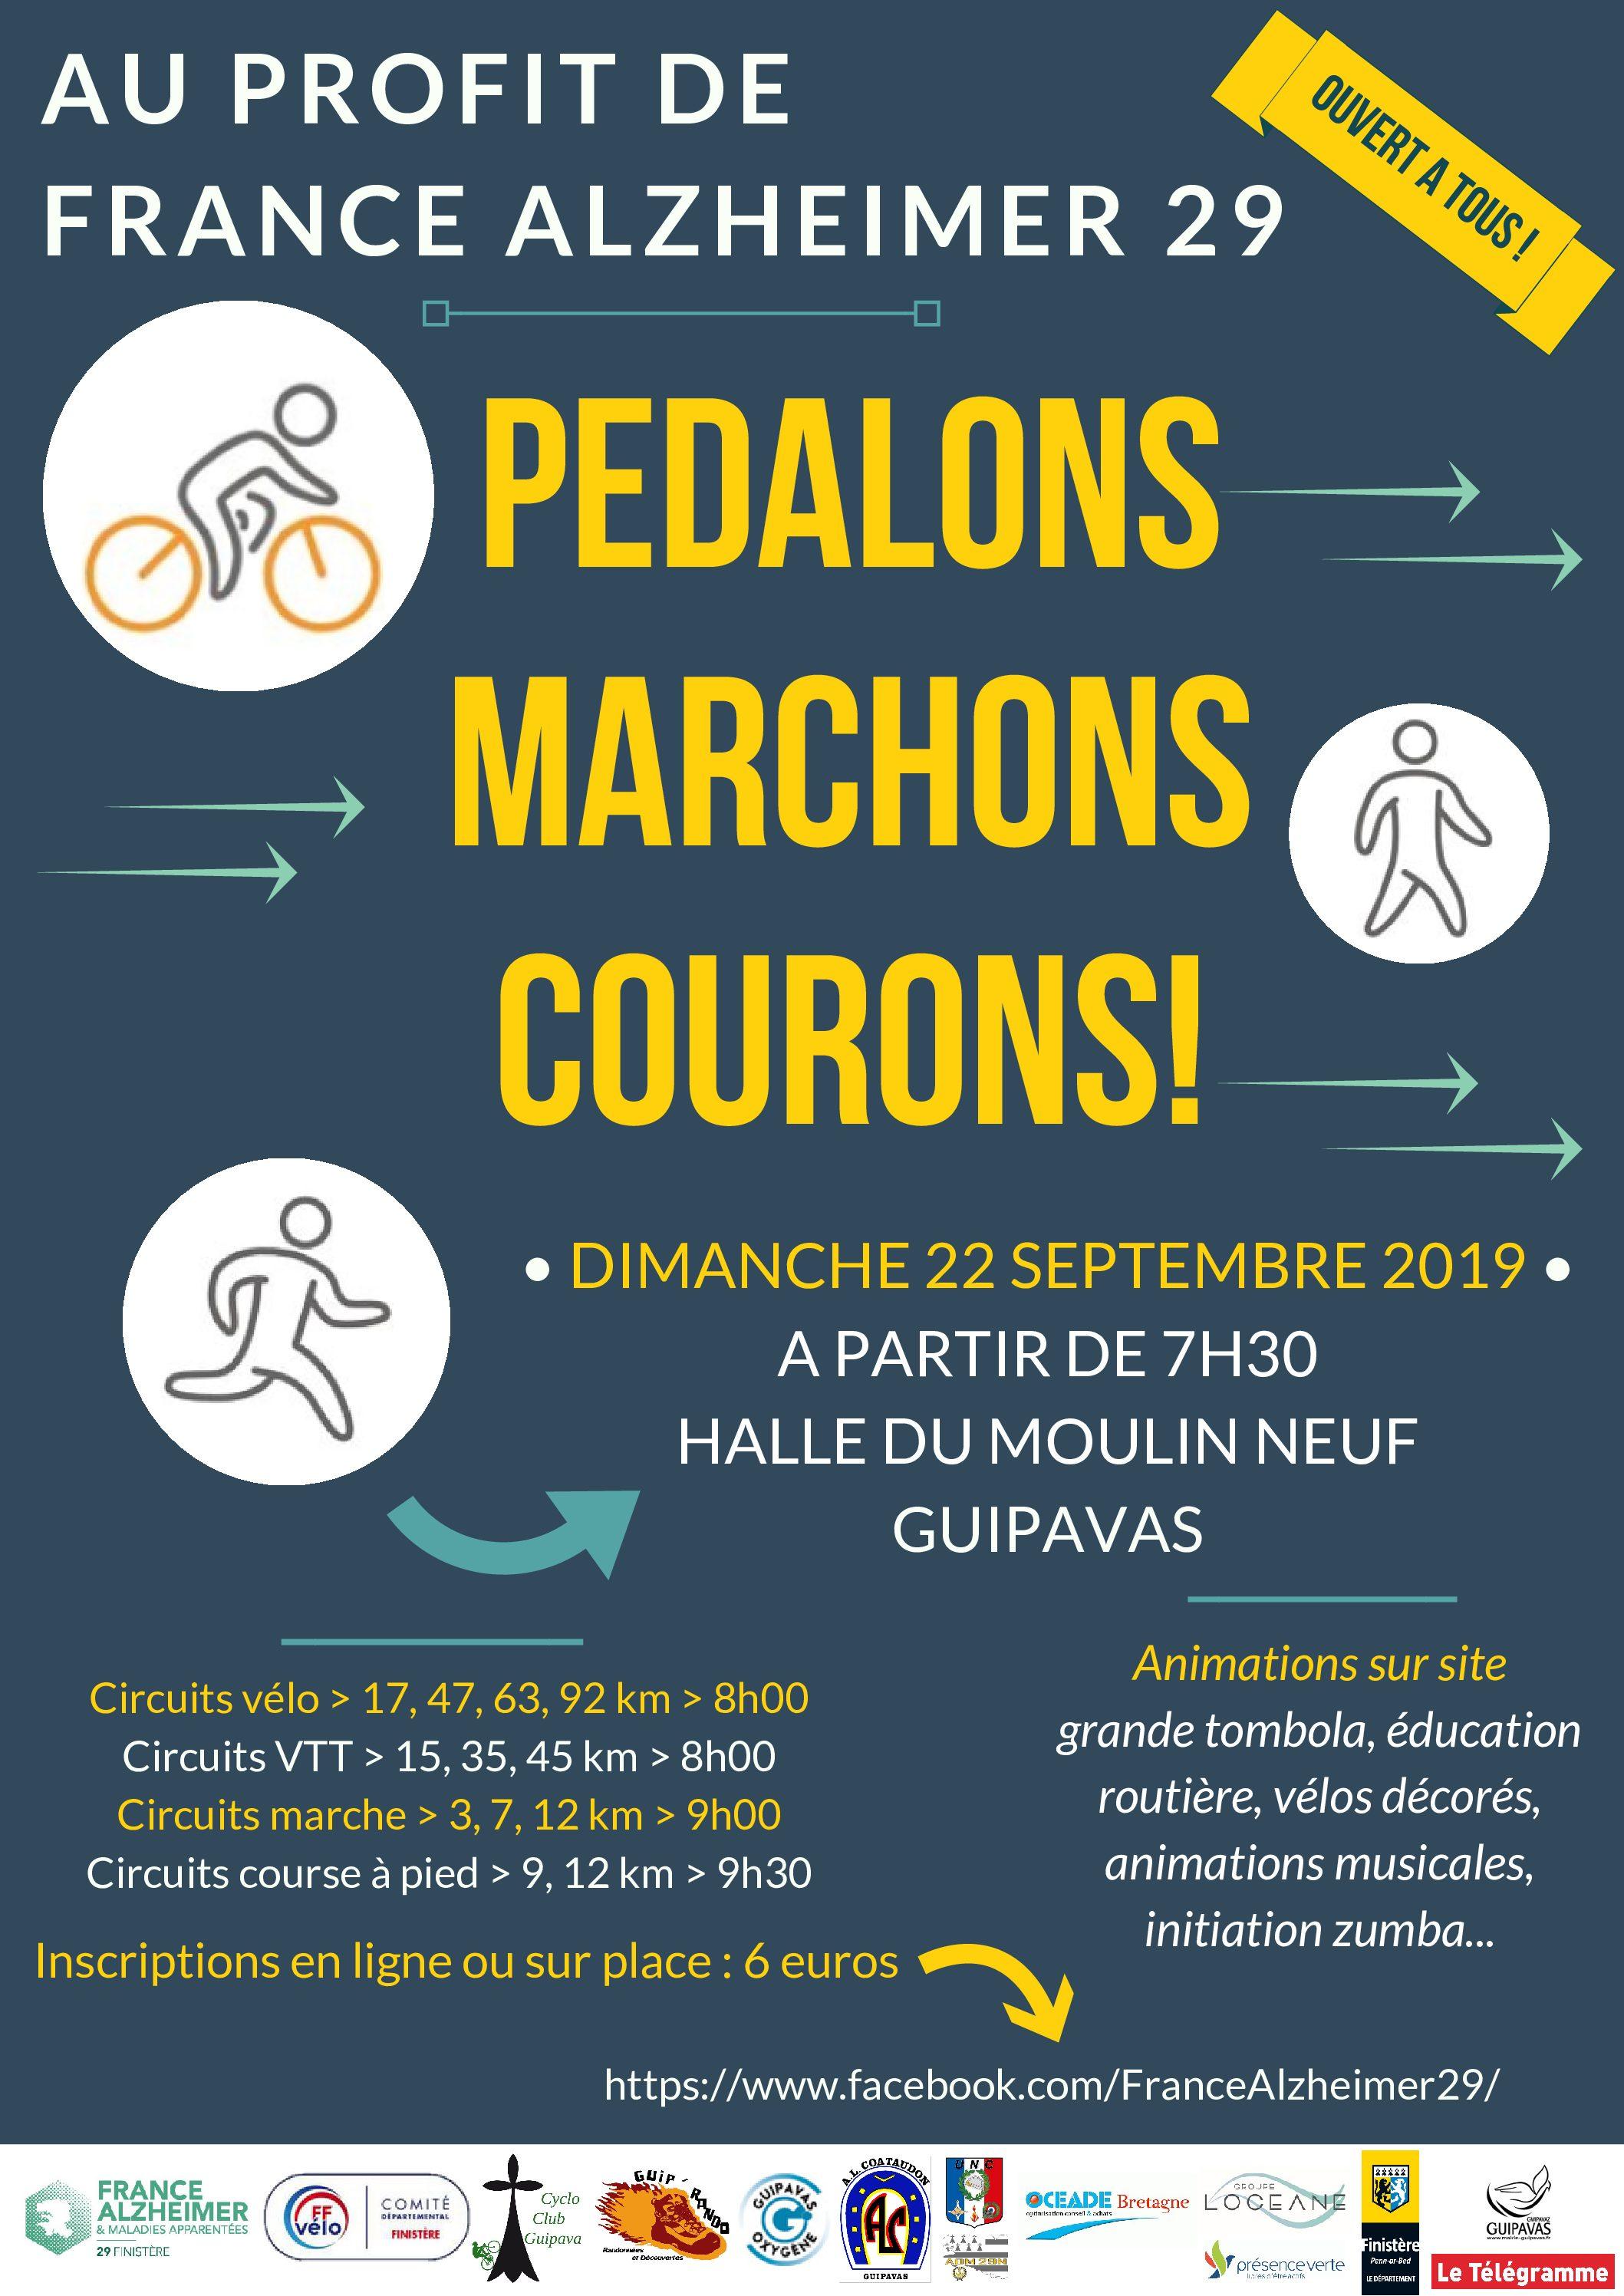 PÉDALONS, MARCHONS, COURONS! 22 SEPTEMBRE 2019